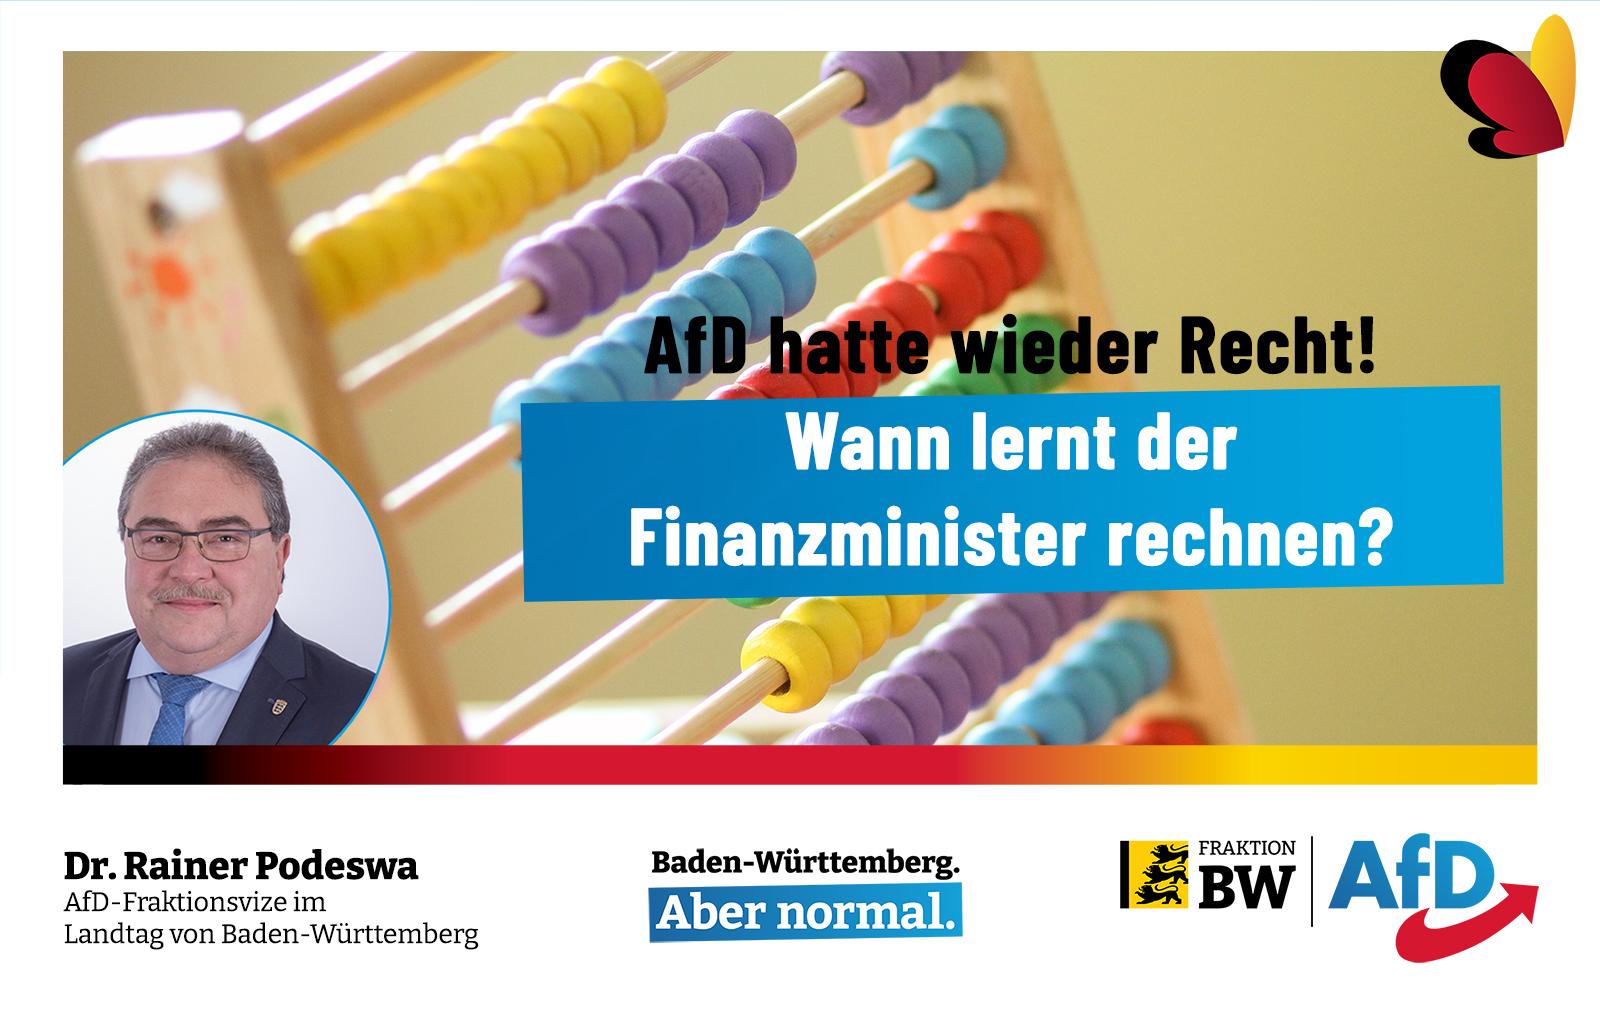 Dr. Rainer Podeswa: Wann lernt der Finanzminister rechnen?